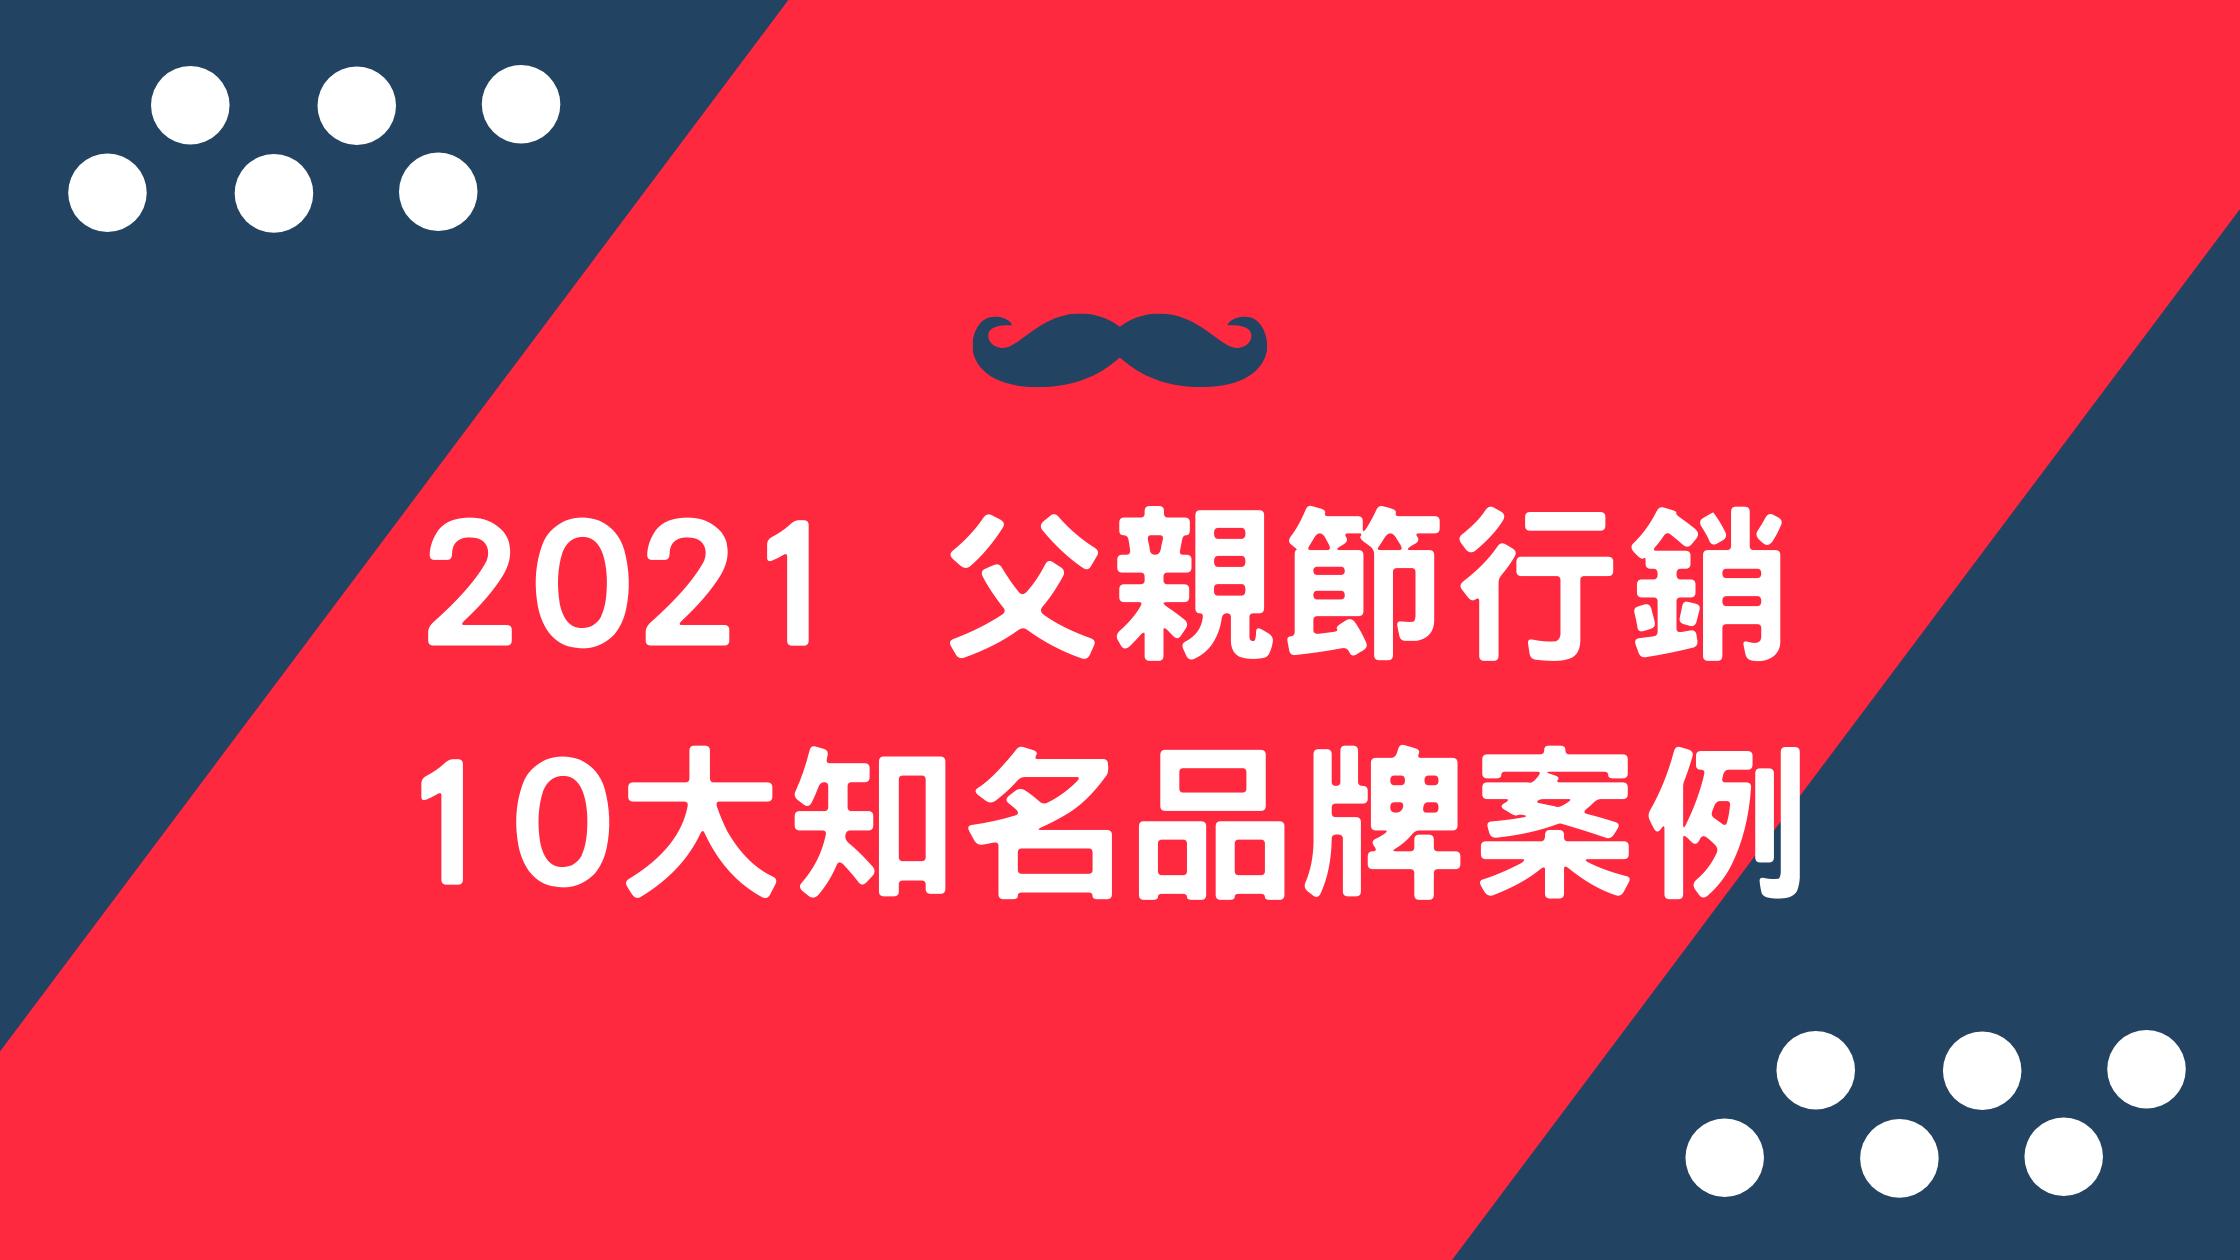 2021 父親節行銷10大知名品牌案例